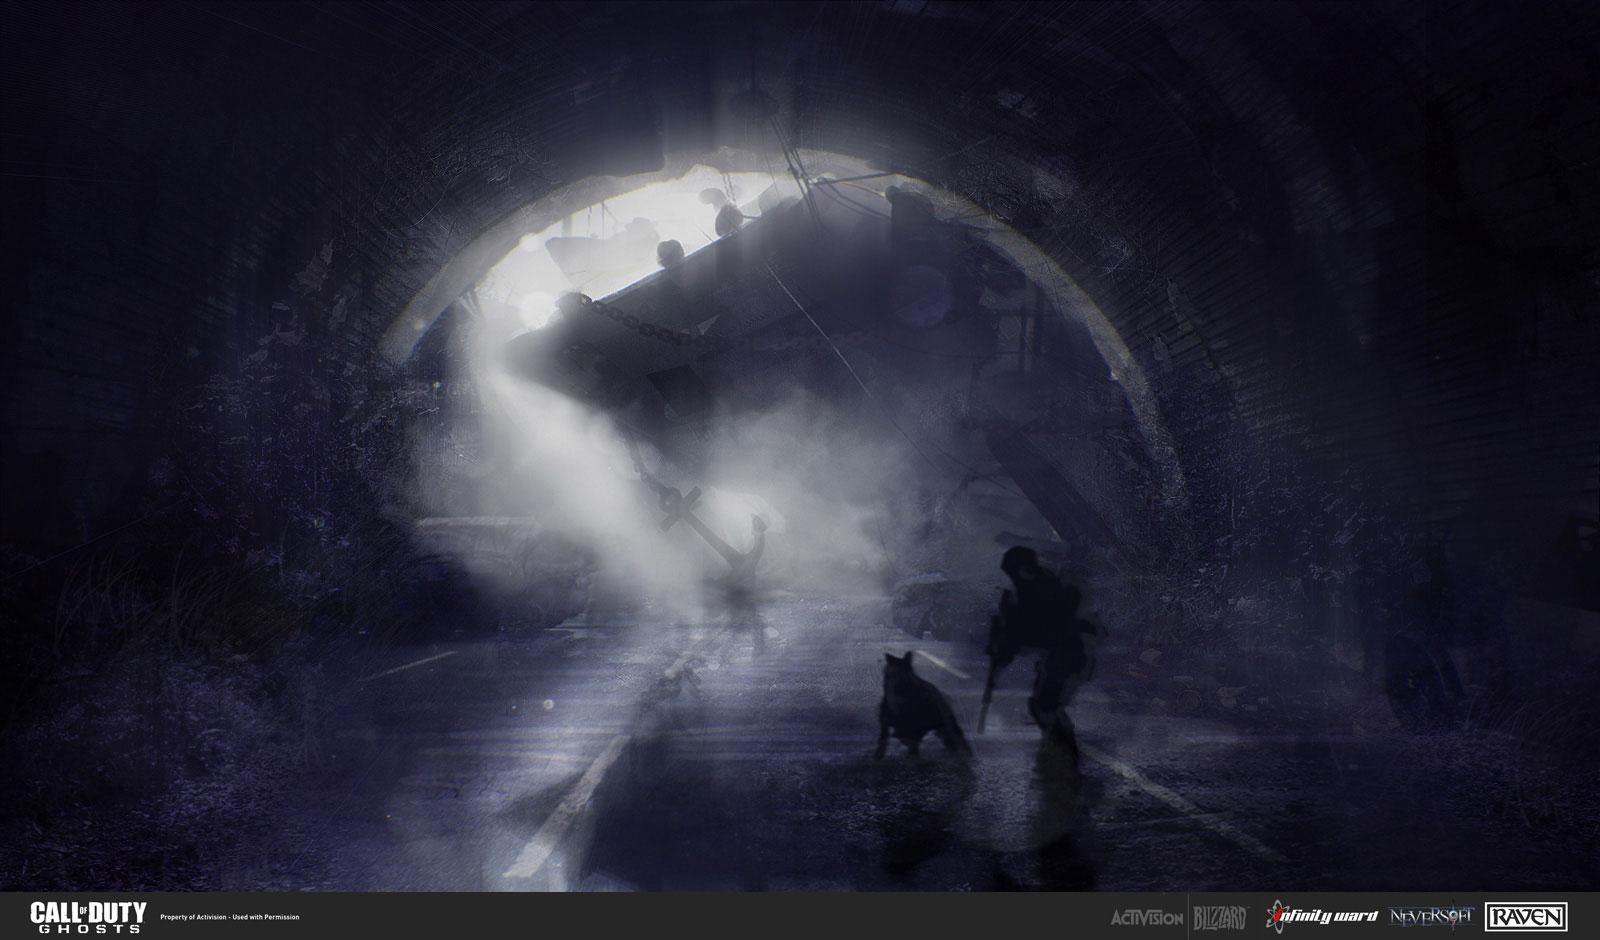 近日,游戏原画设定师Yan Ostretsov给我们发布了一批最新的《使命召唤10幽灵》原画。在原画中,我们可以看到整个游戏荒凉没有人烟,我们的展示和他的狗将要在这片废墟之中进行战斗,画面气氛阴郁沉重。 第 2 页 使命召唤10幽灵高清原画2